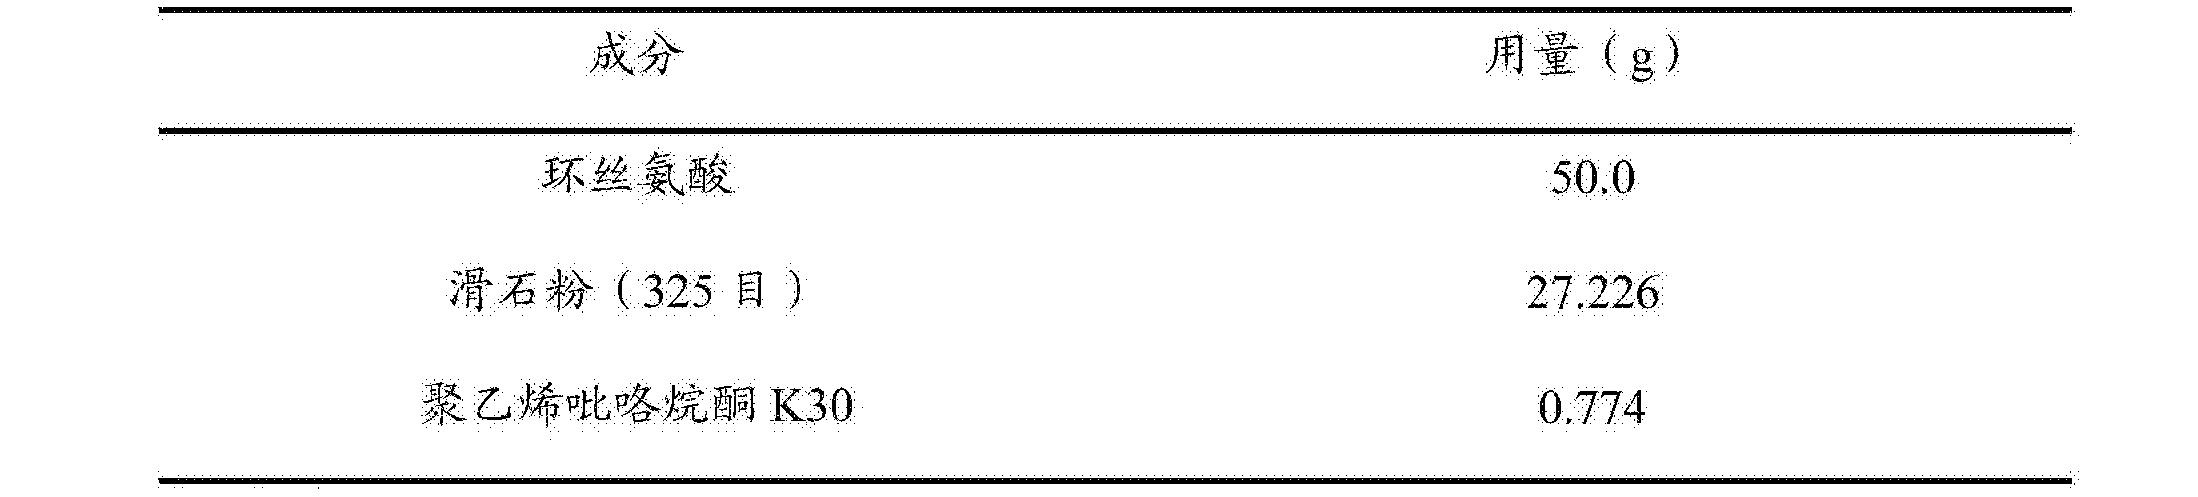 Figure CN105476976BD00102